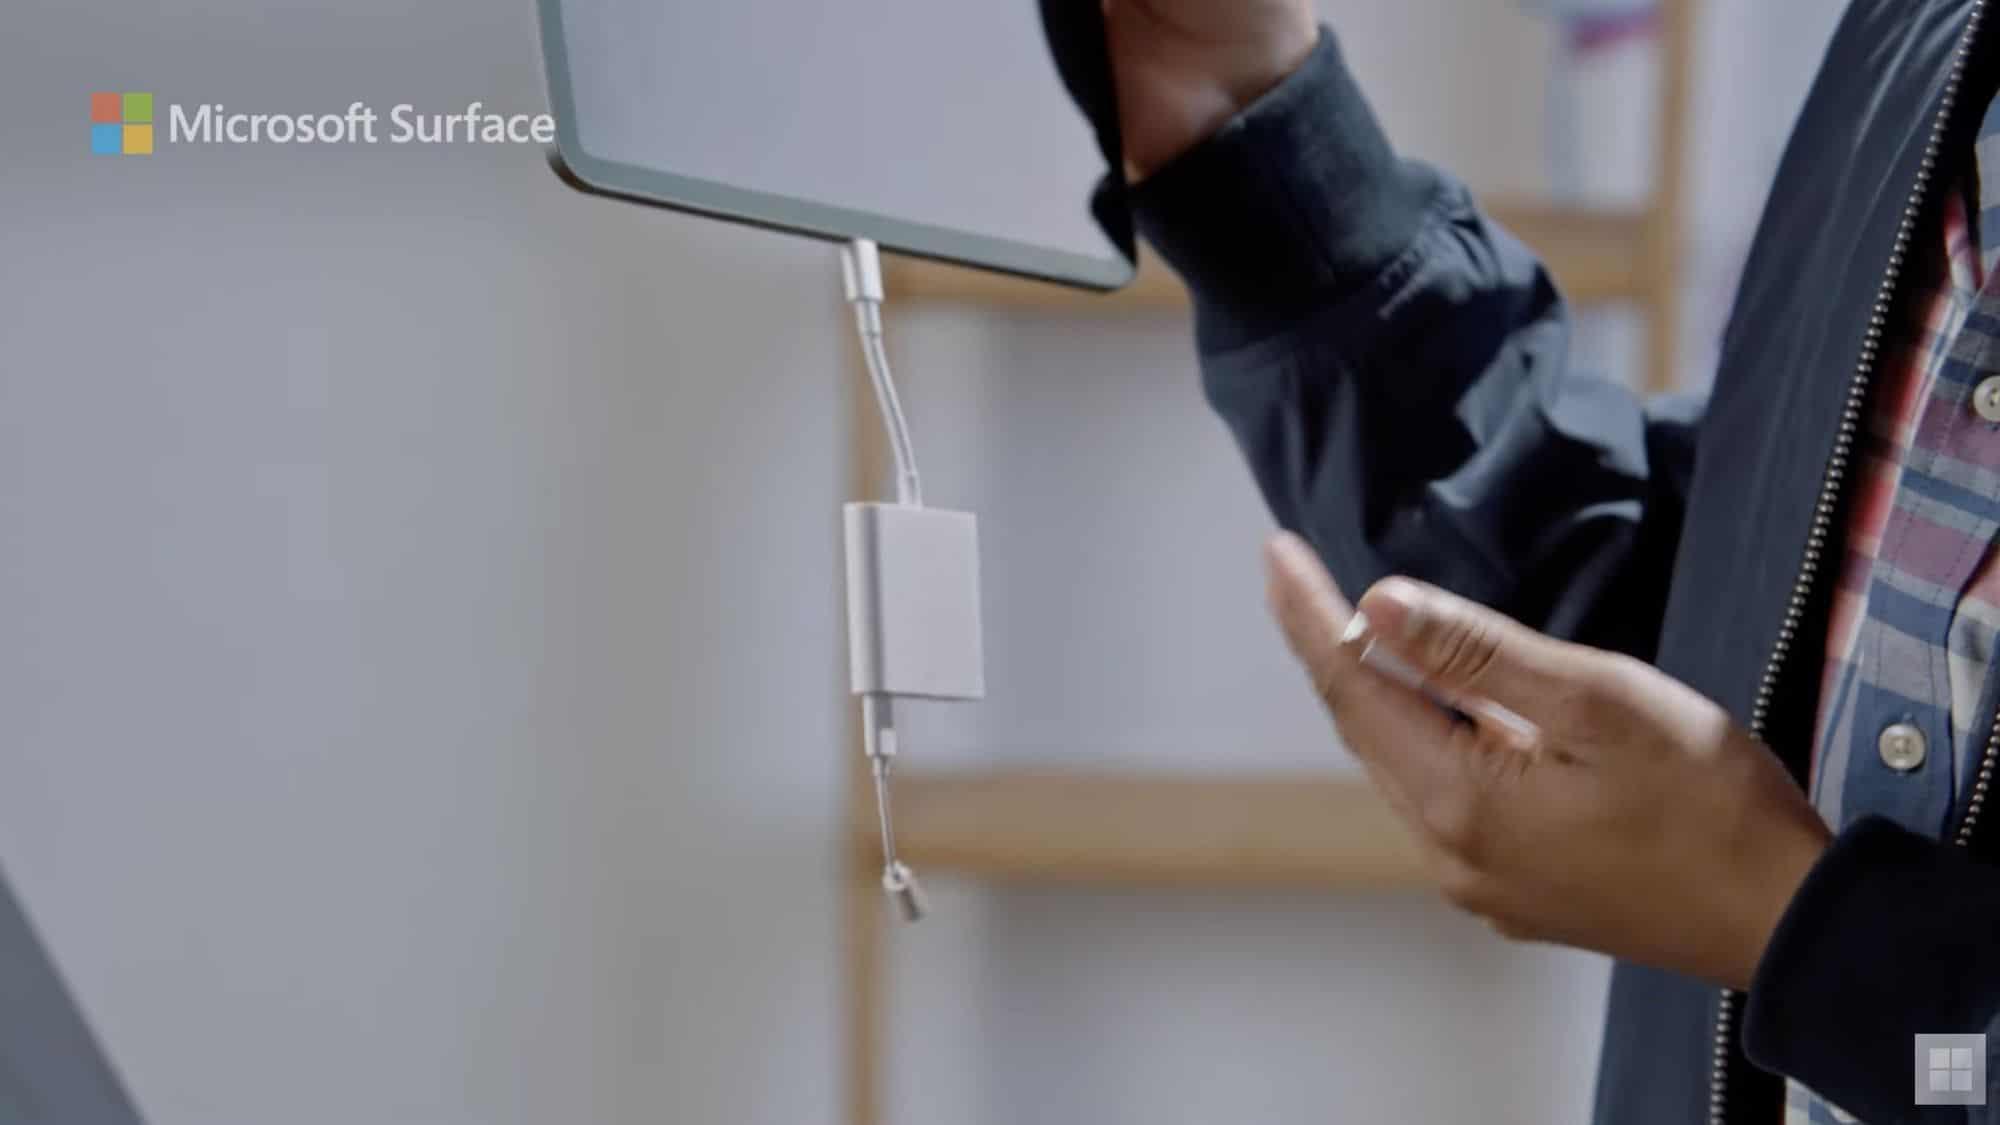 Comercial da Microsoft comparando o Surface Pro 7 com o iPad Pro